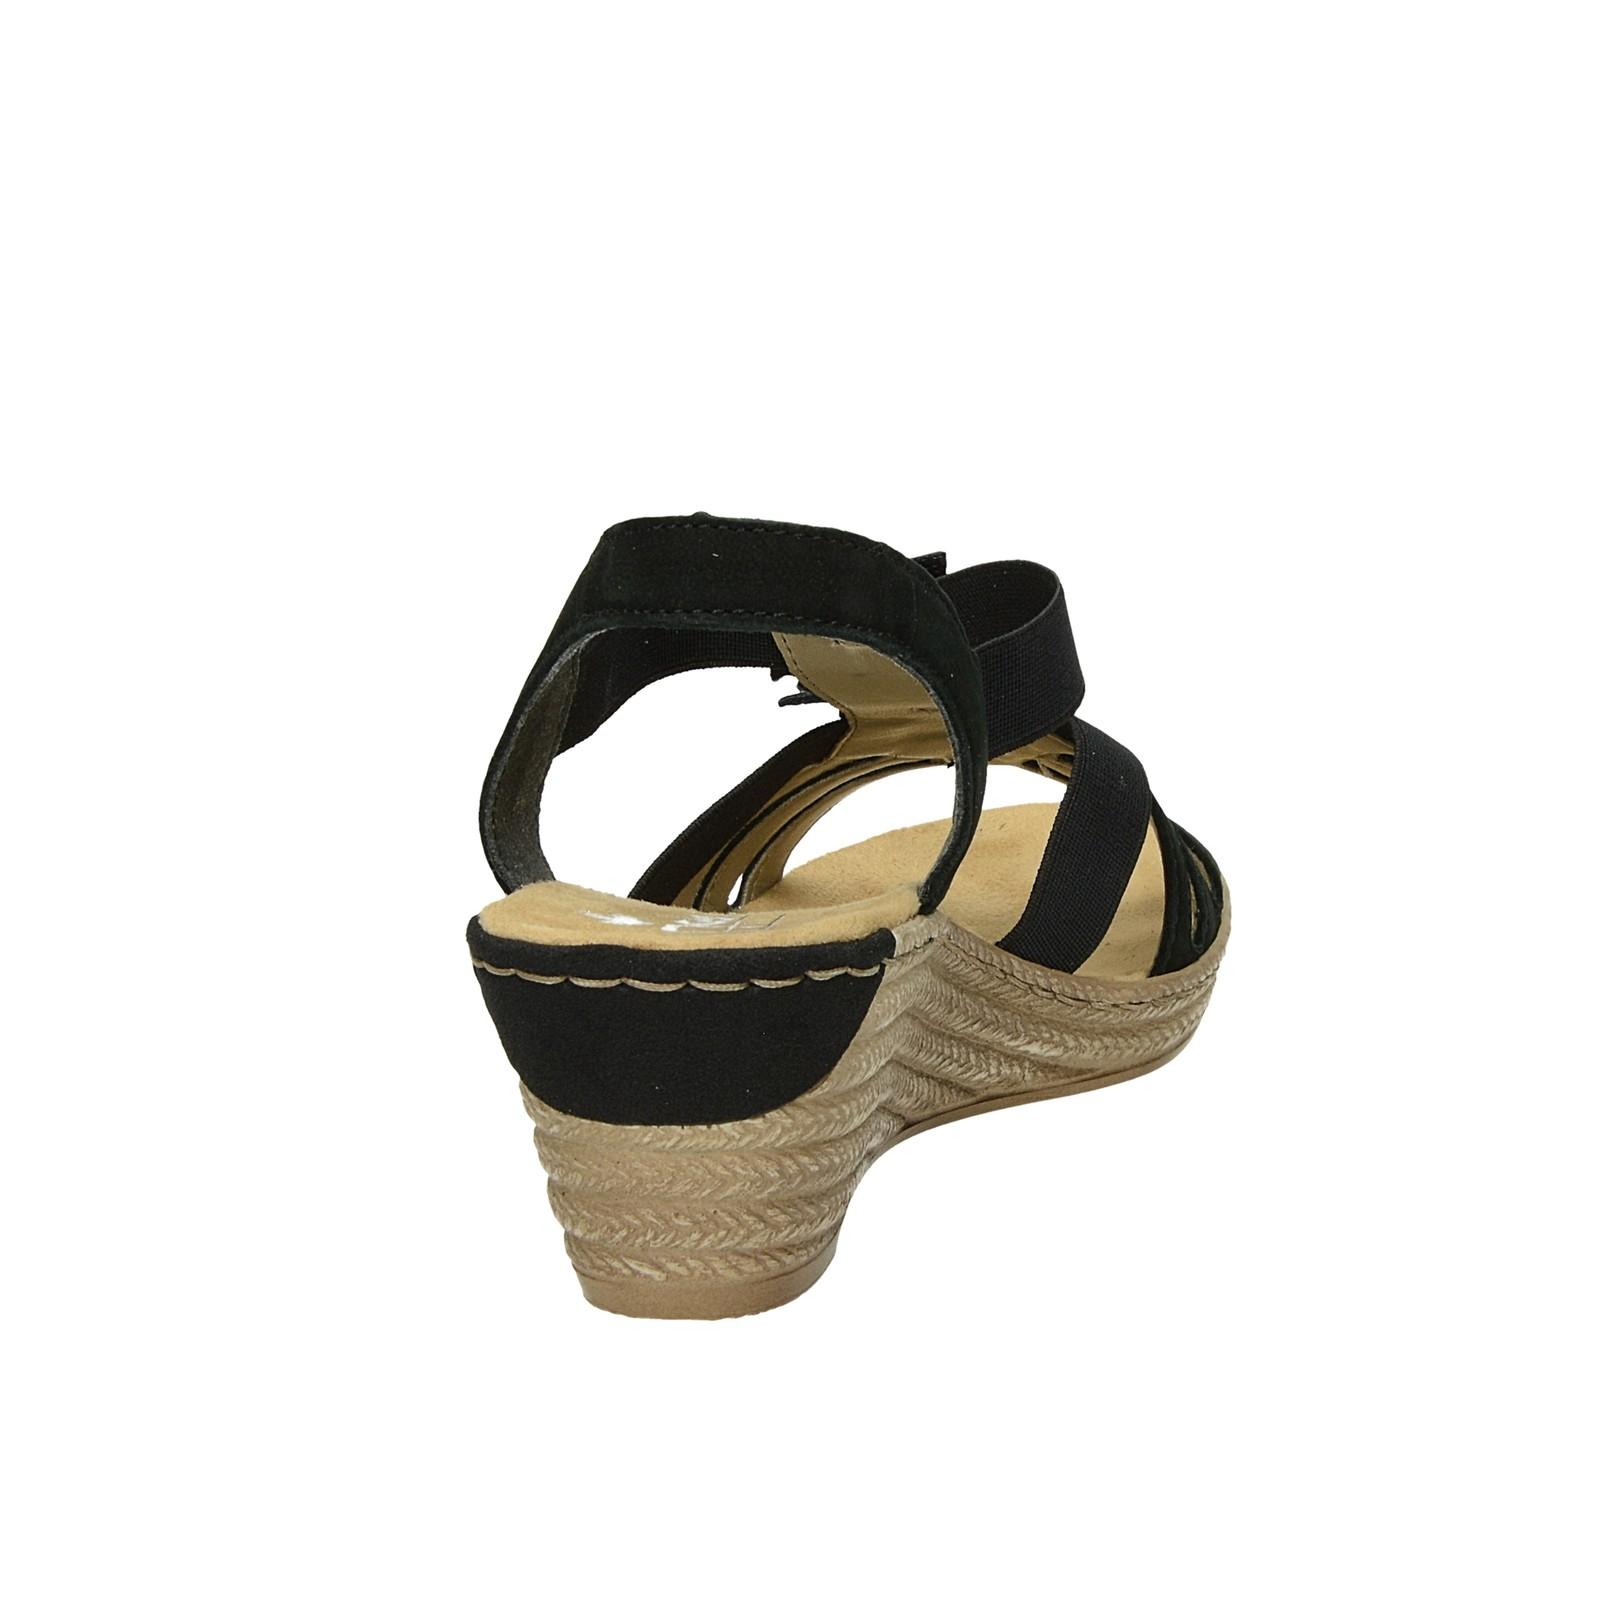 1230f00e1d63 ... Rieker dámske pohodlné sandále na klinovej podrážke - čierne ...